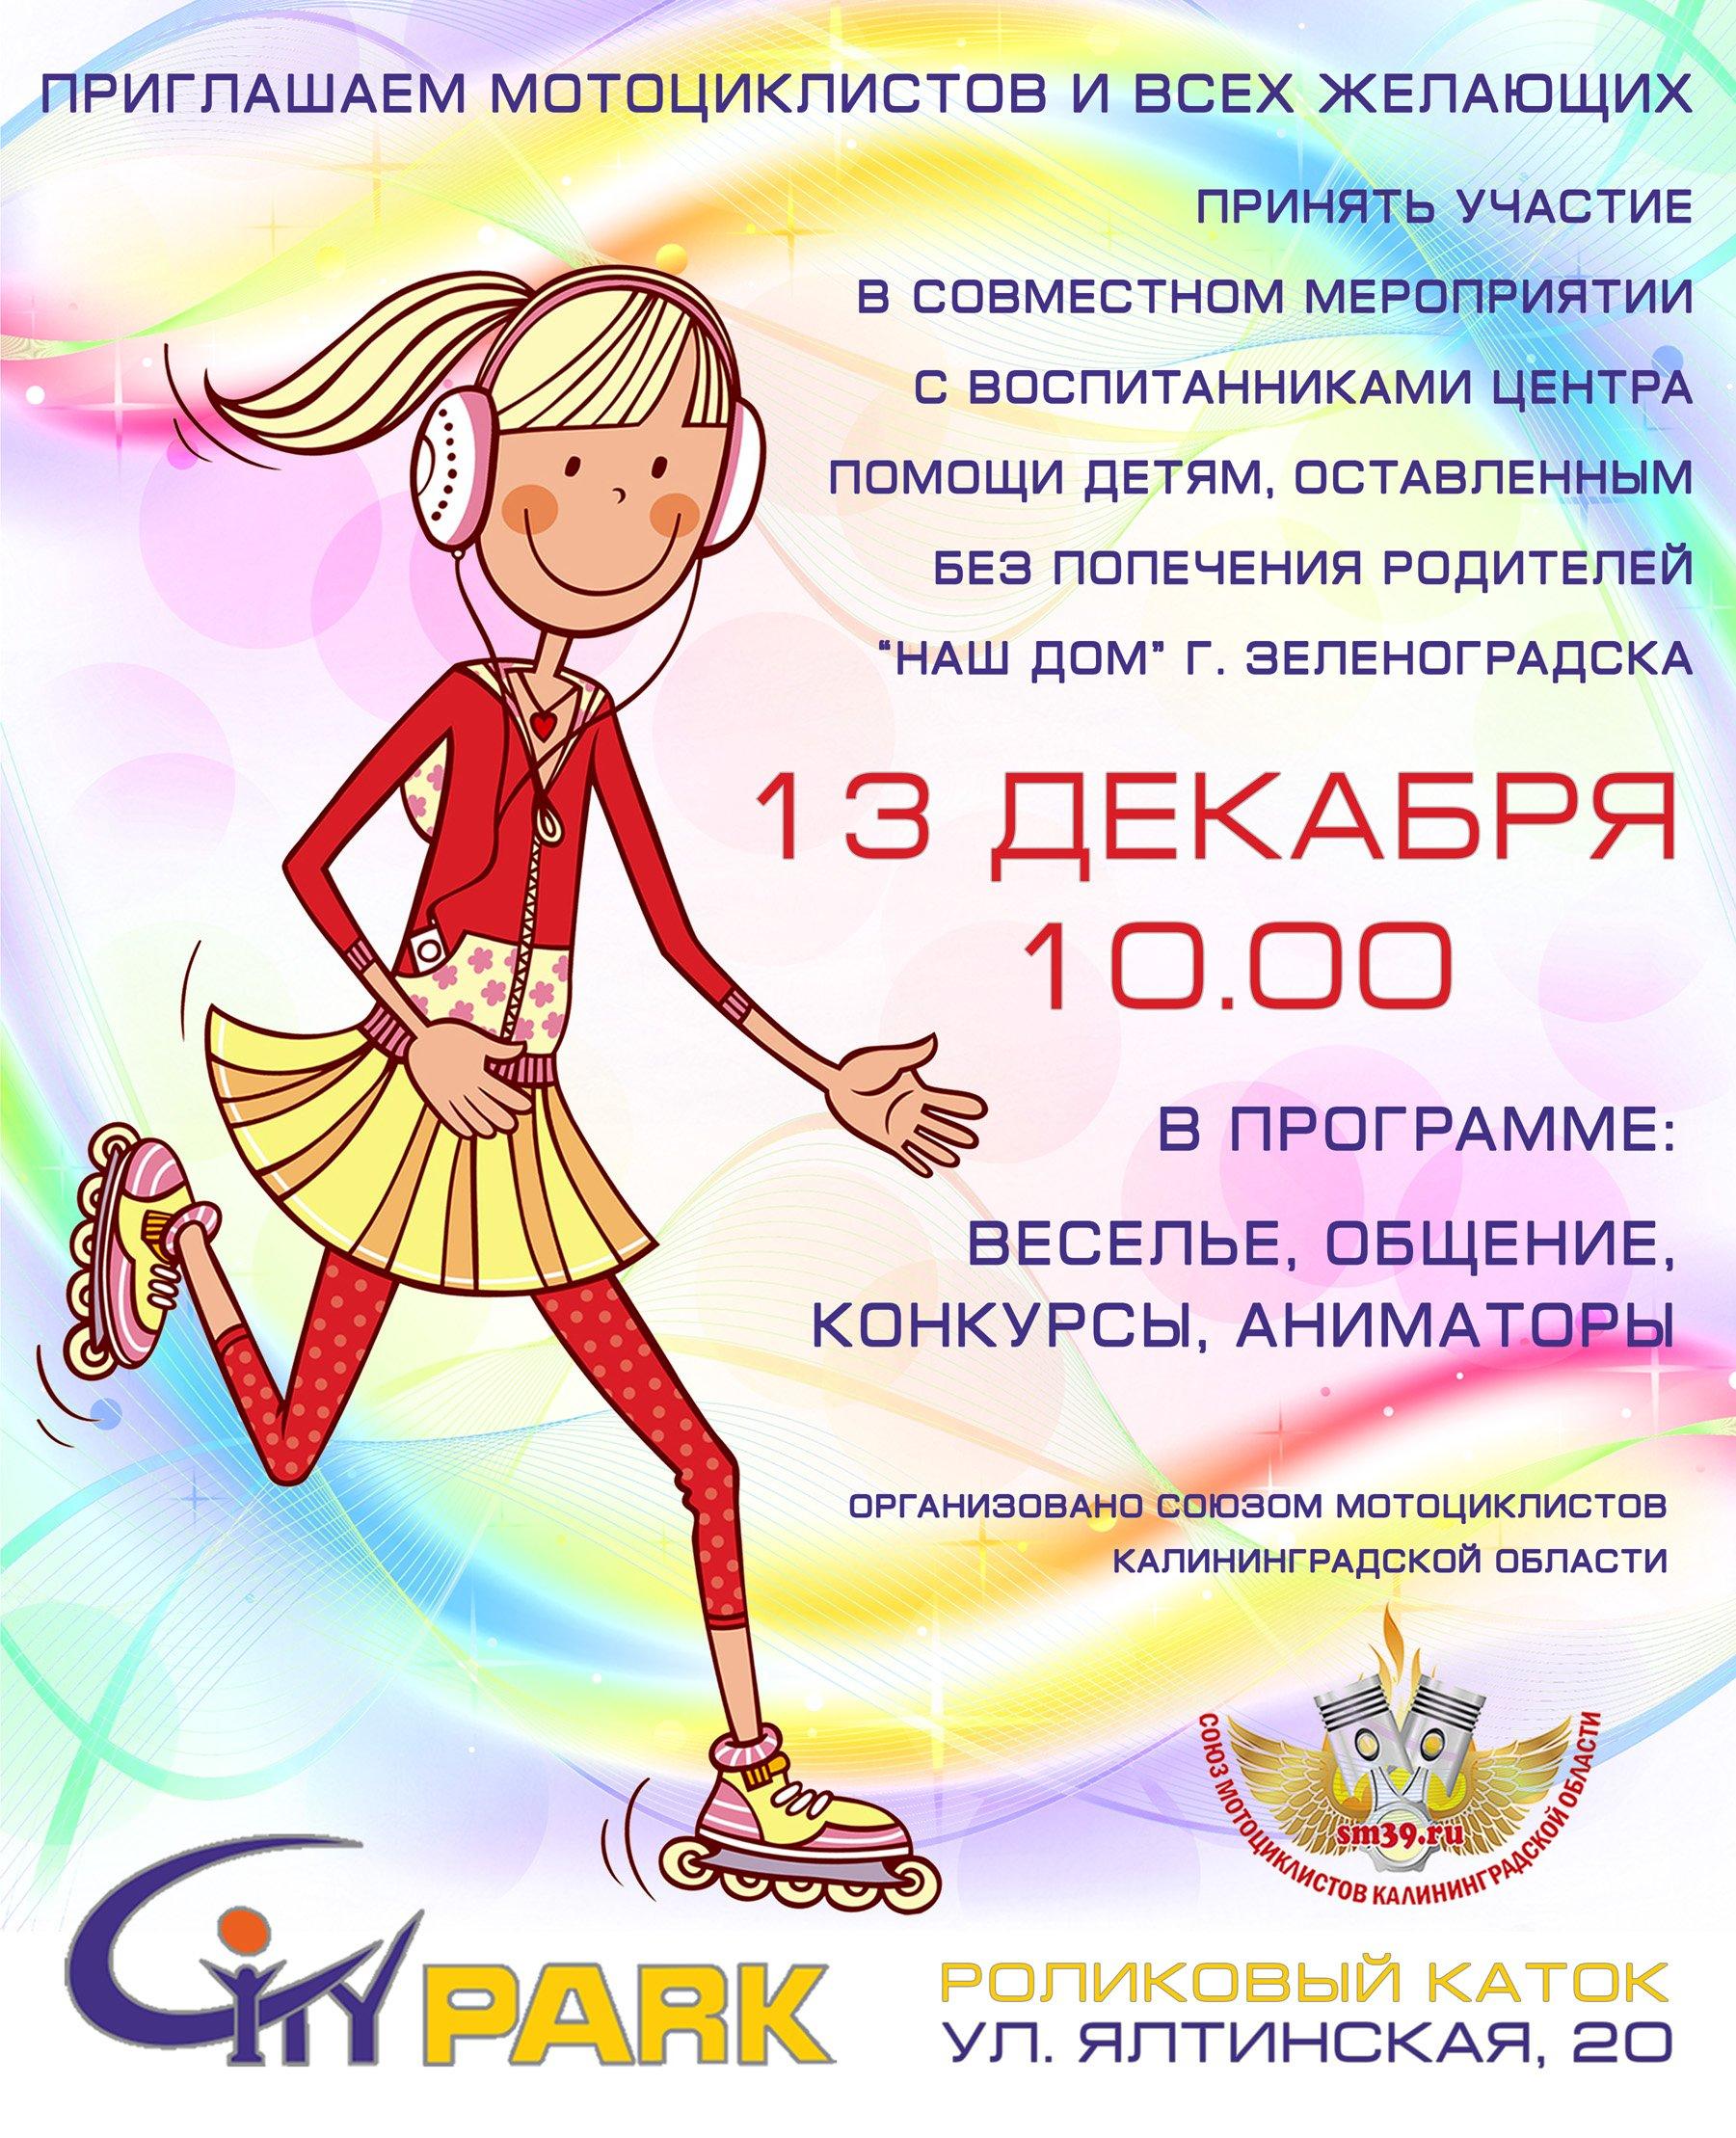 13 декабря, совместное мероприятие с центром